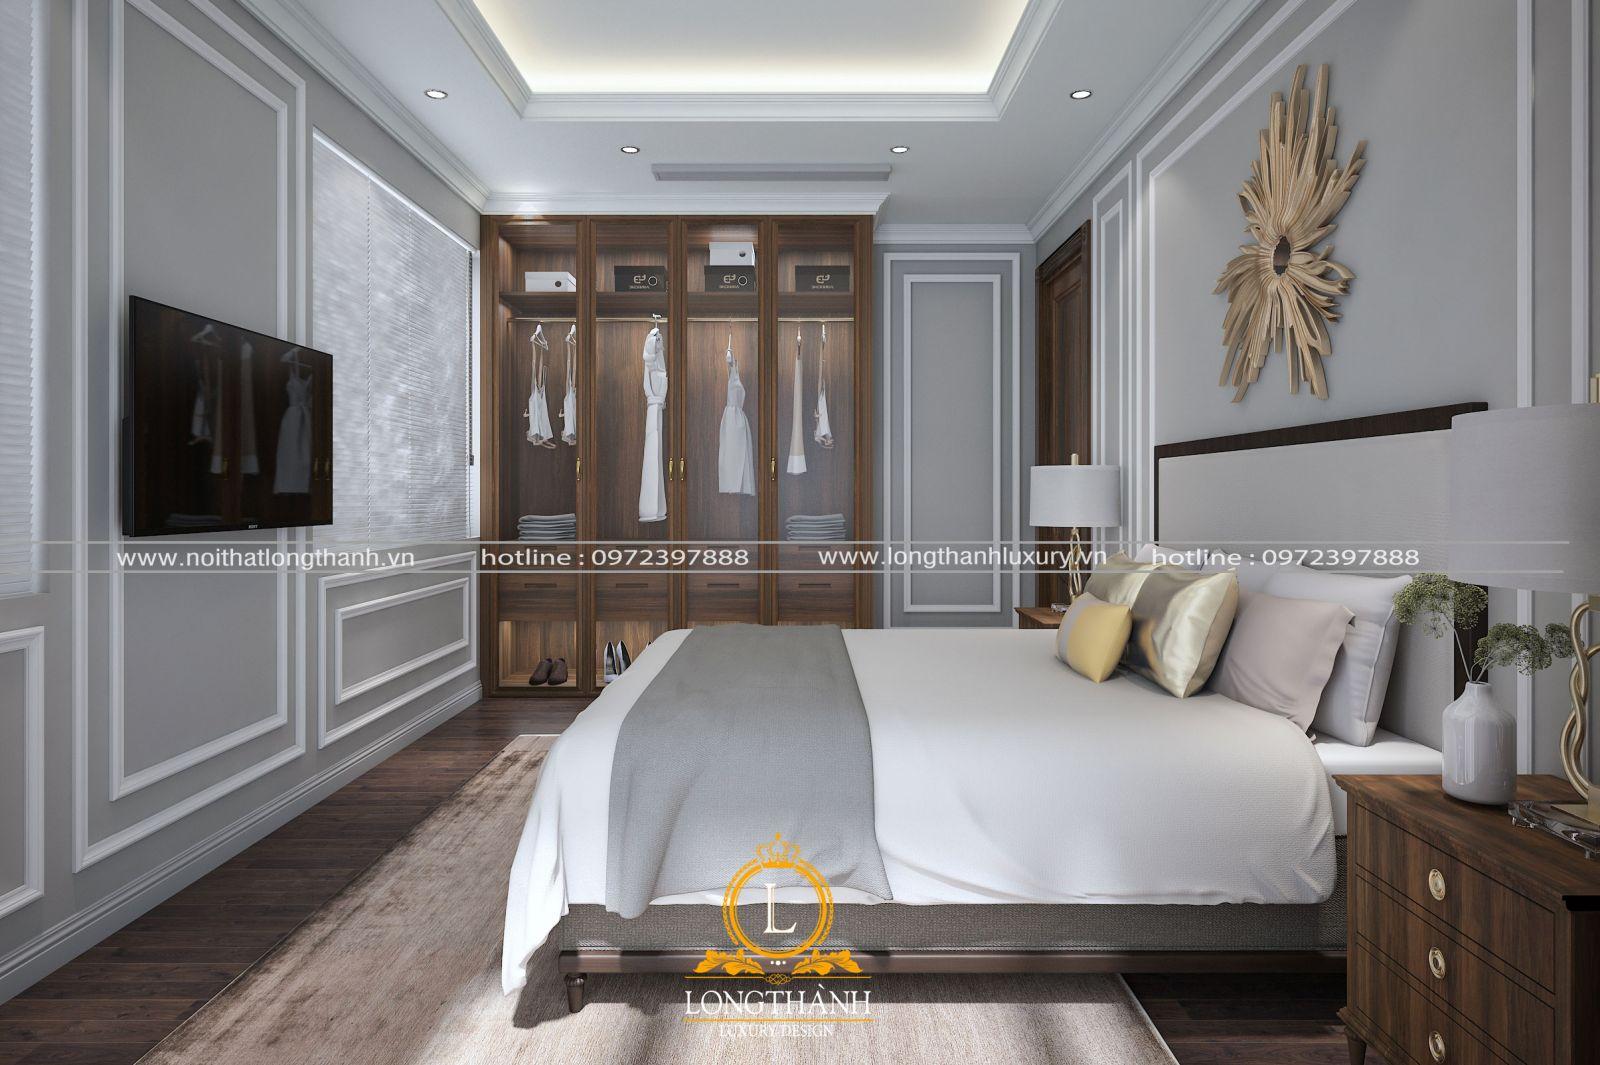 Phòng ngủ nhỏ thiết kế theo phong cách hiện đại